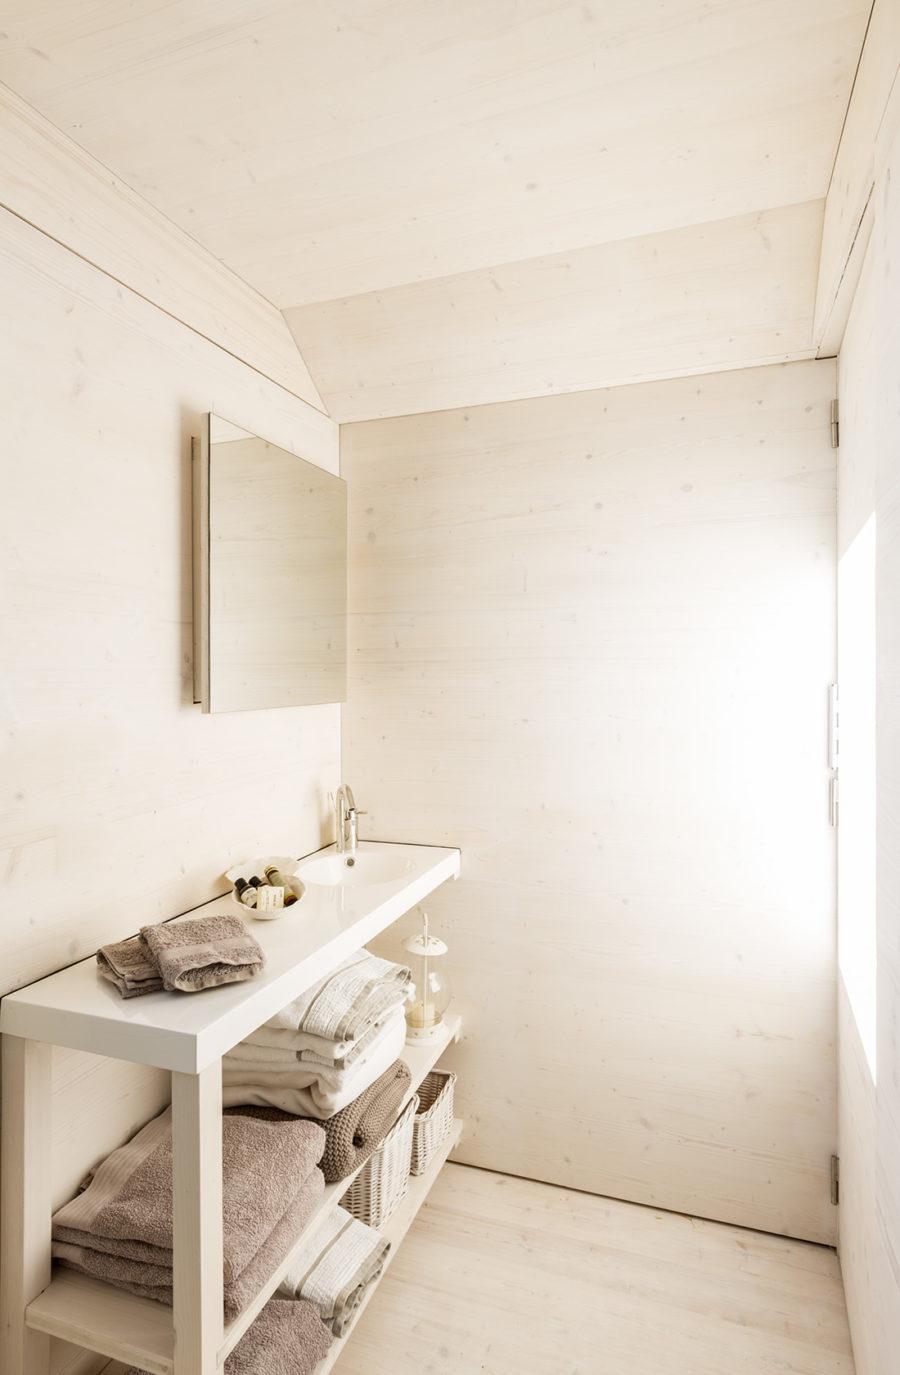 Vista general del baño construido en madera la vivienda trasportable ÁPH